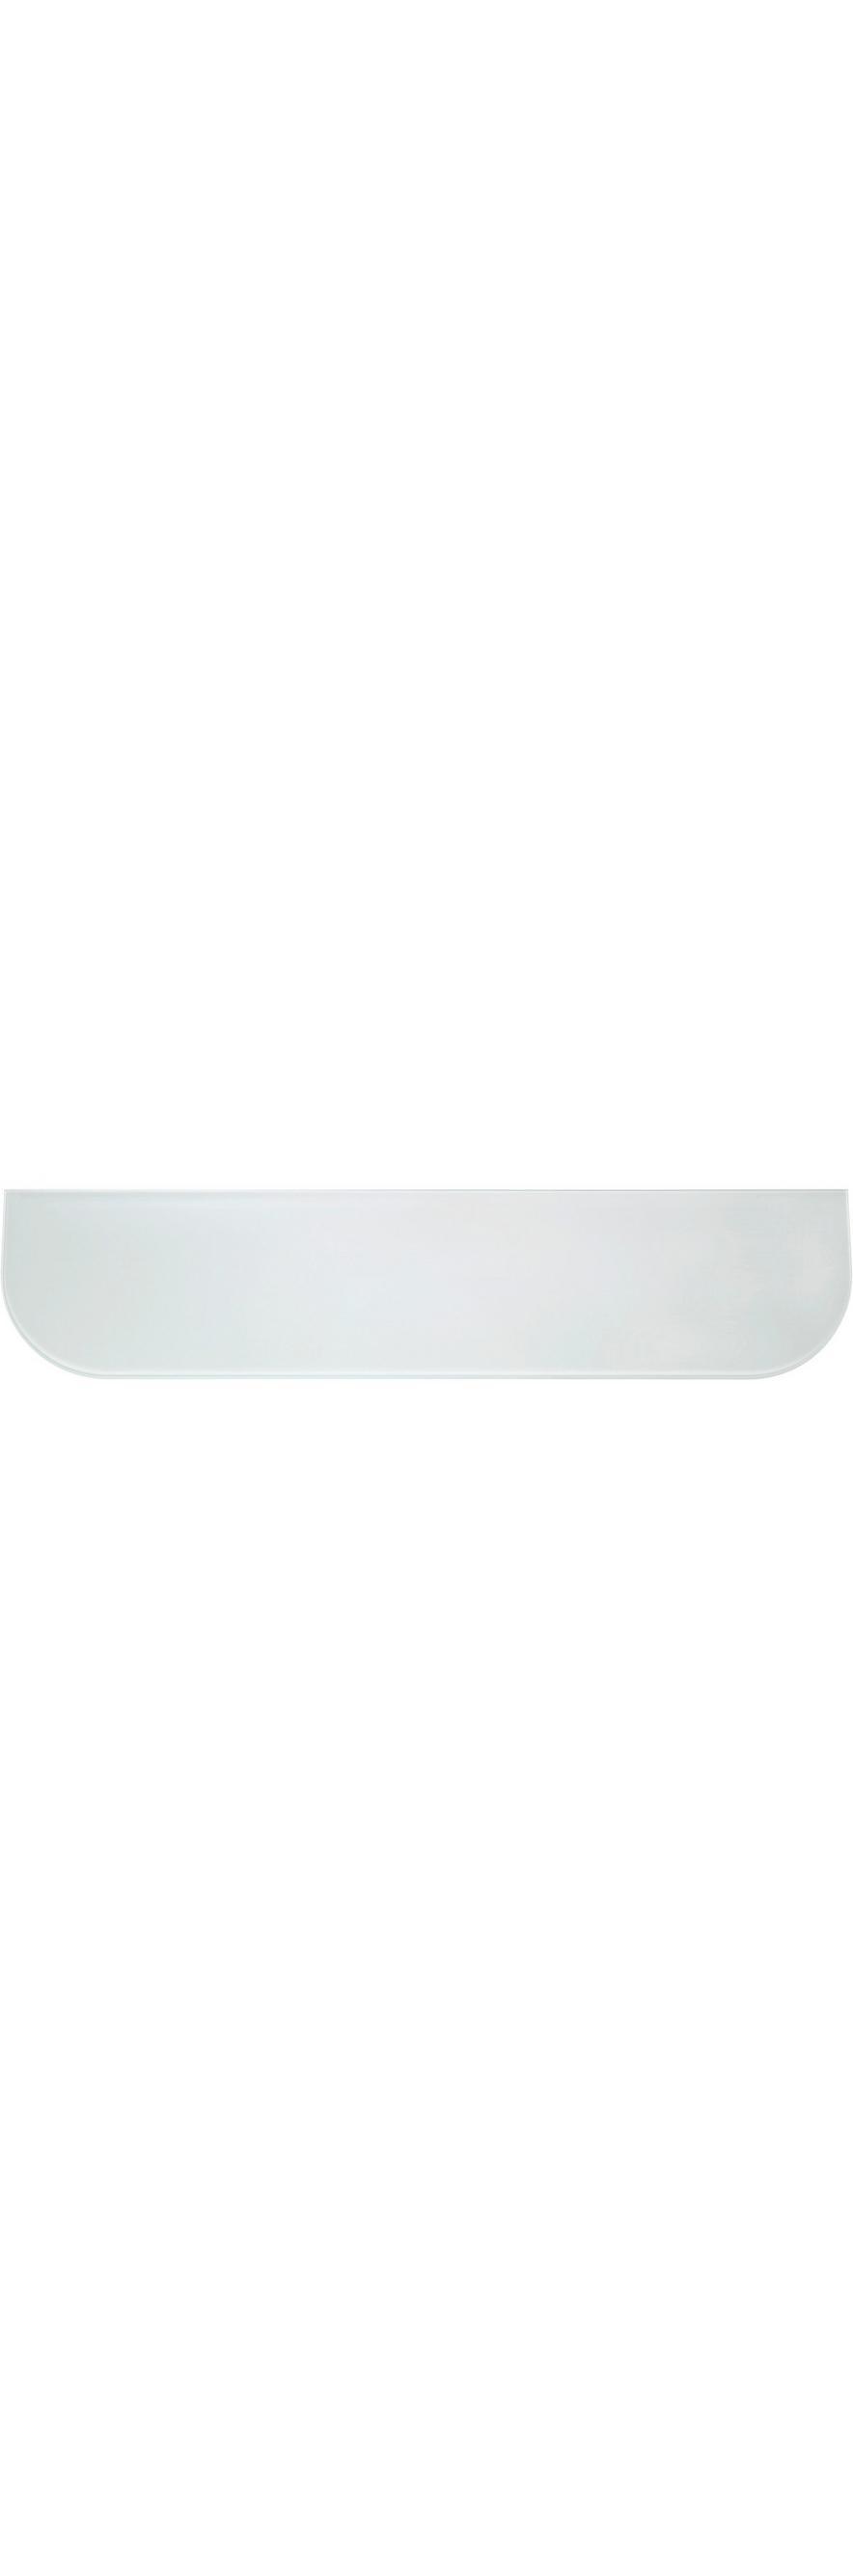 Wandregal Glas Gerundet Weiß Online Kaufen Mömax